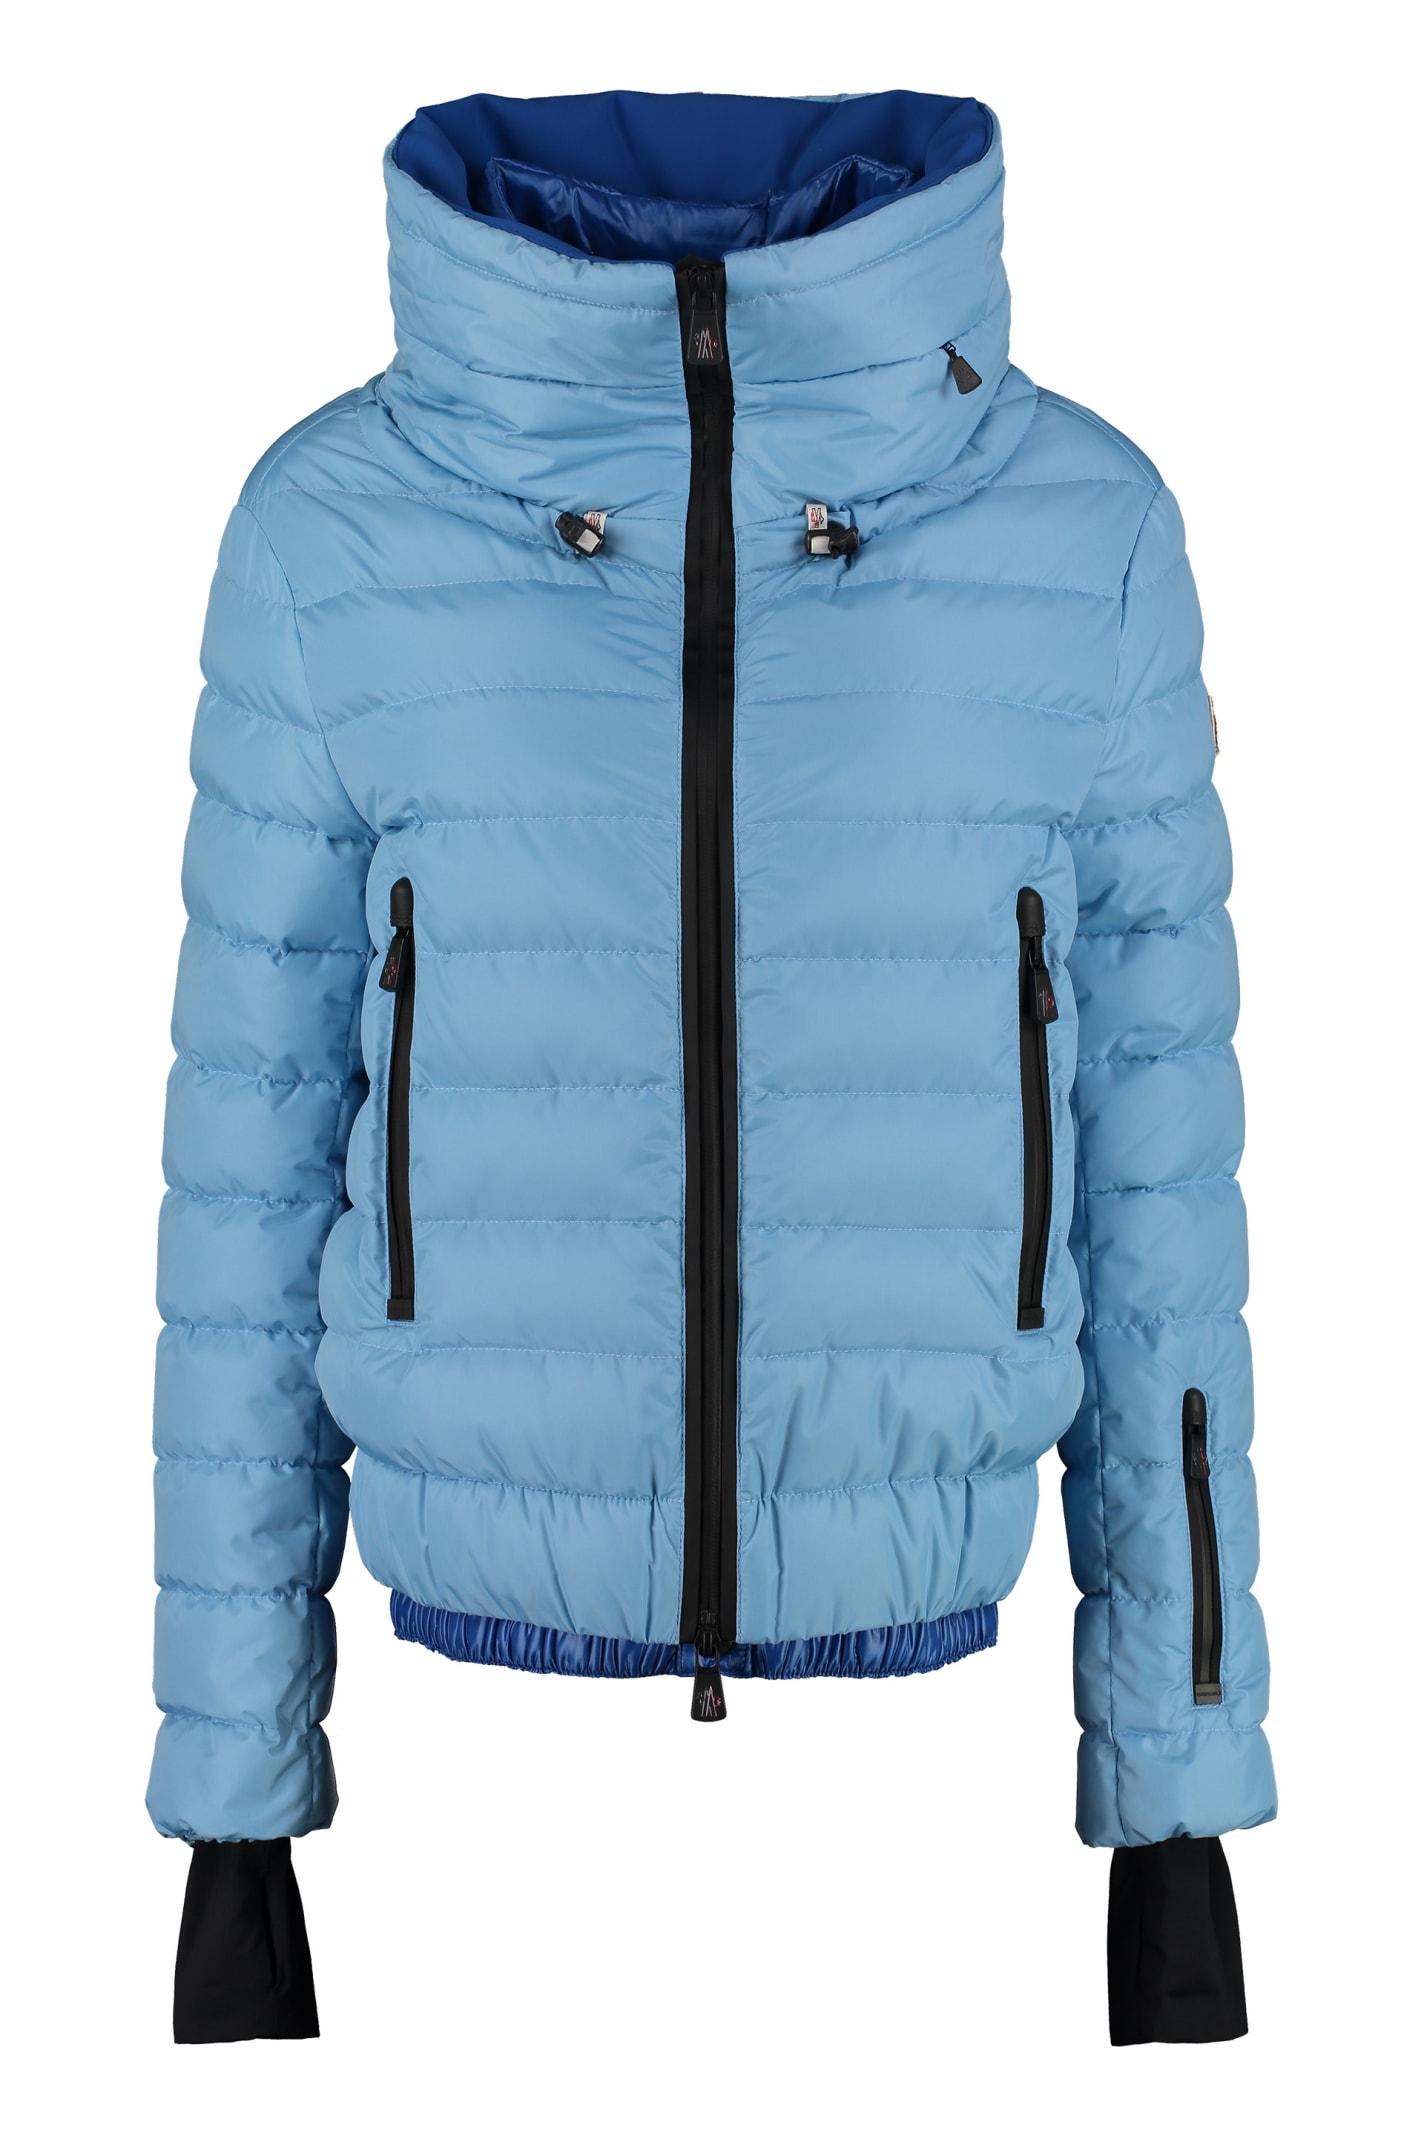 Moncler Grenoble Wonne Full Zip Padded Hooded Jacket